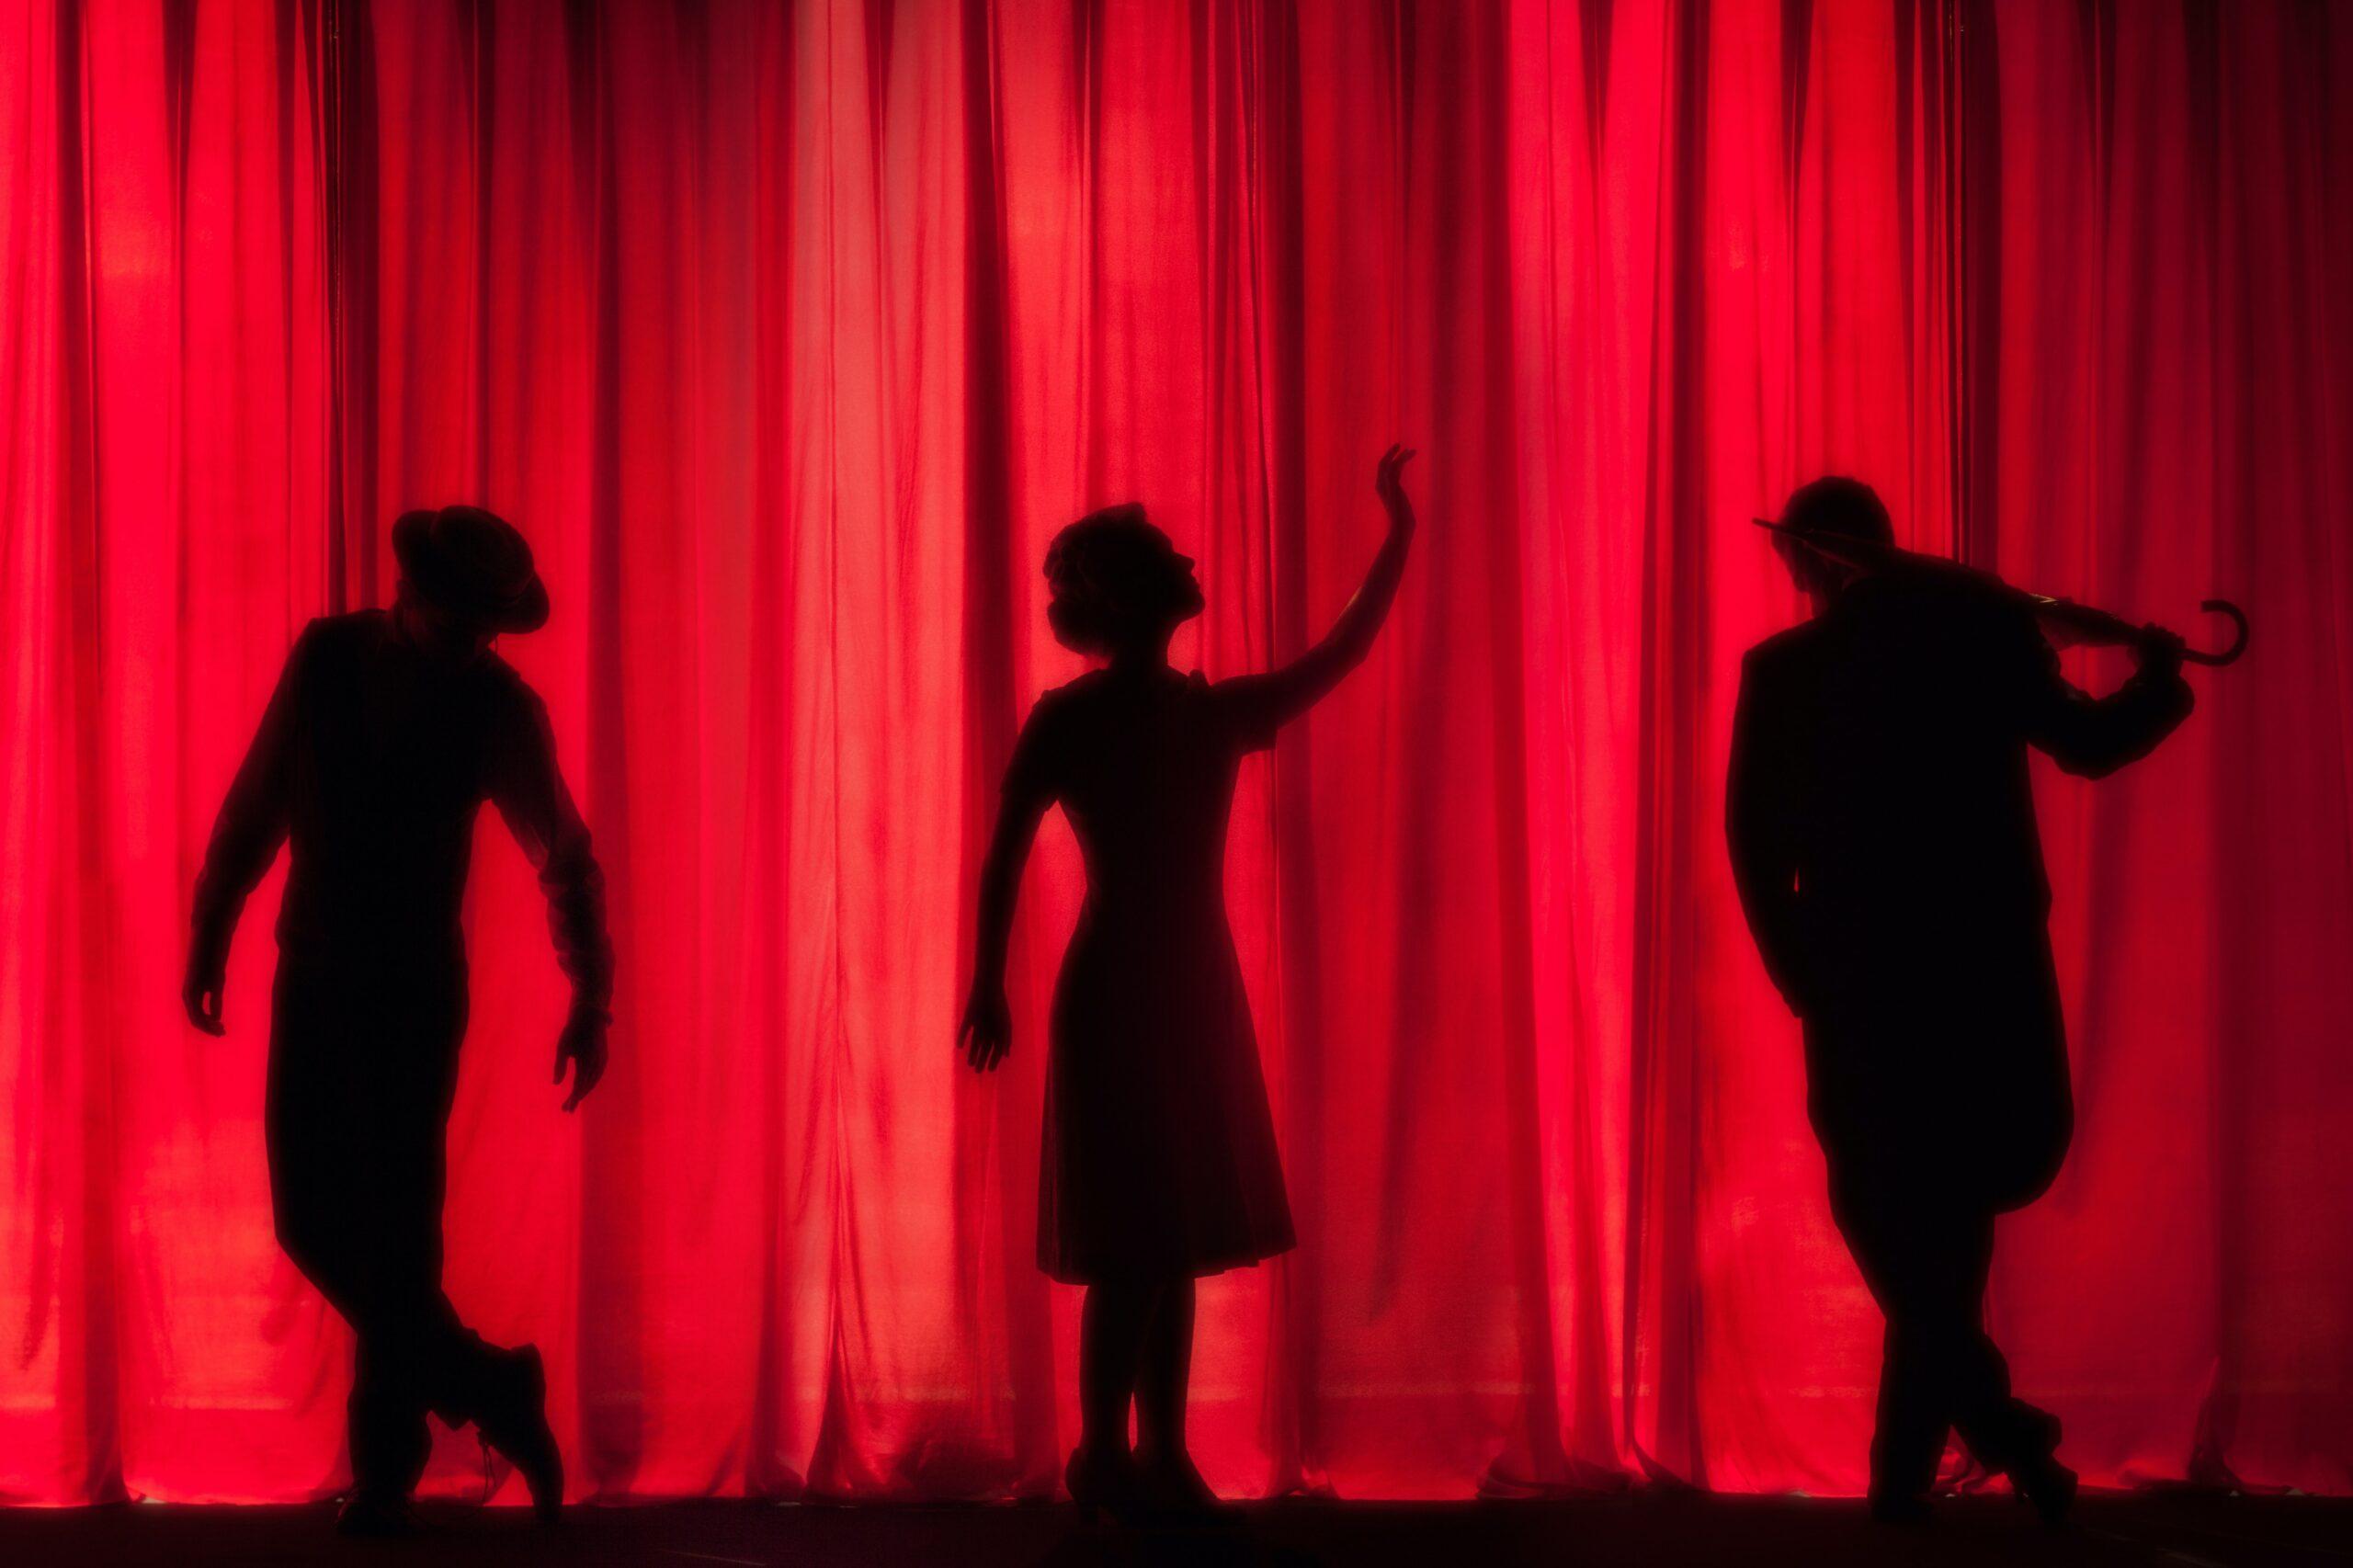 theatre silhouette